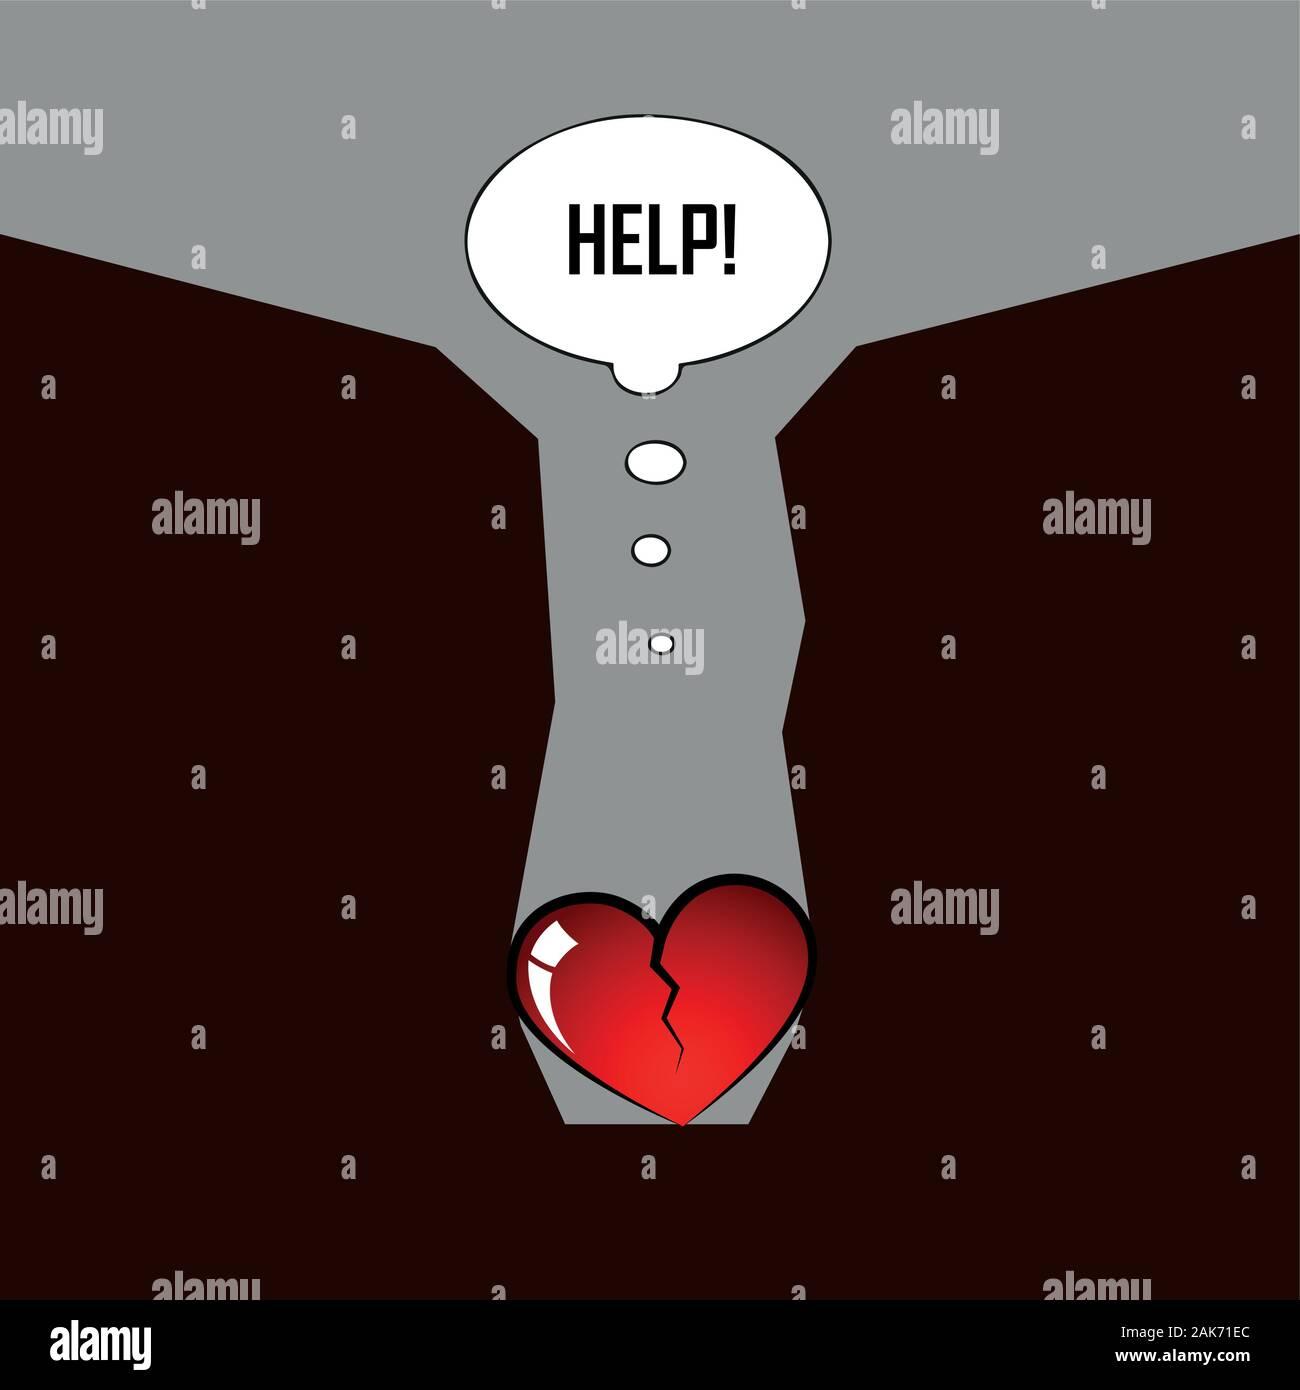 Cœur brisé à l'intérieur d'un canyon besoin d'aide pour les pictogrammes illustration vecteur EPS10 Illustration de Vecteur